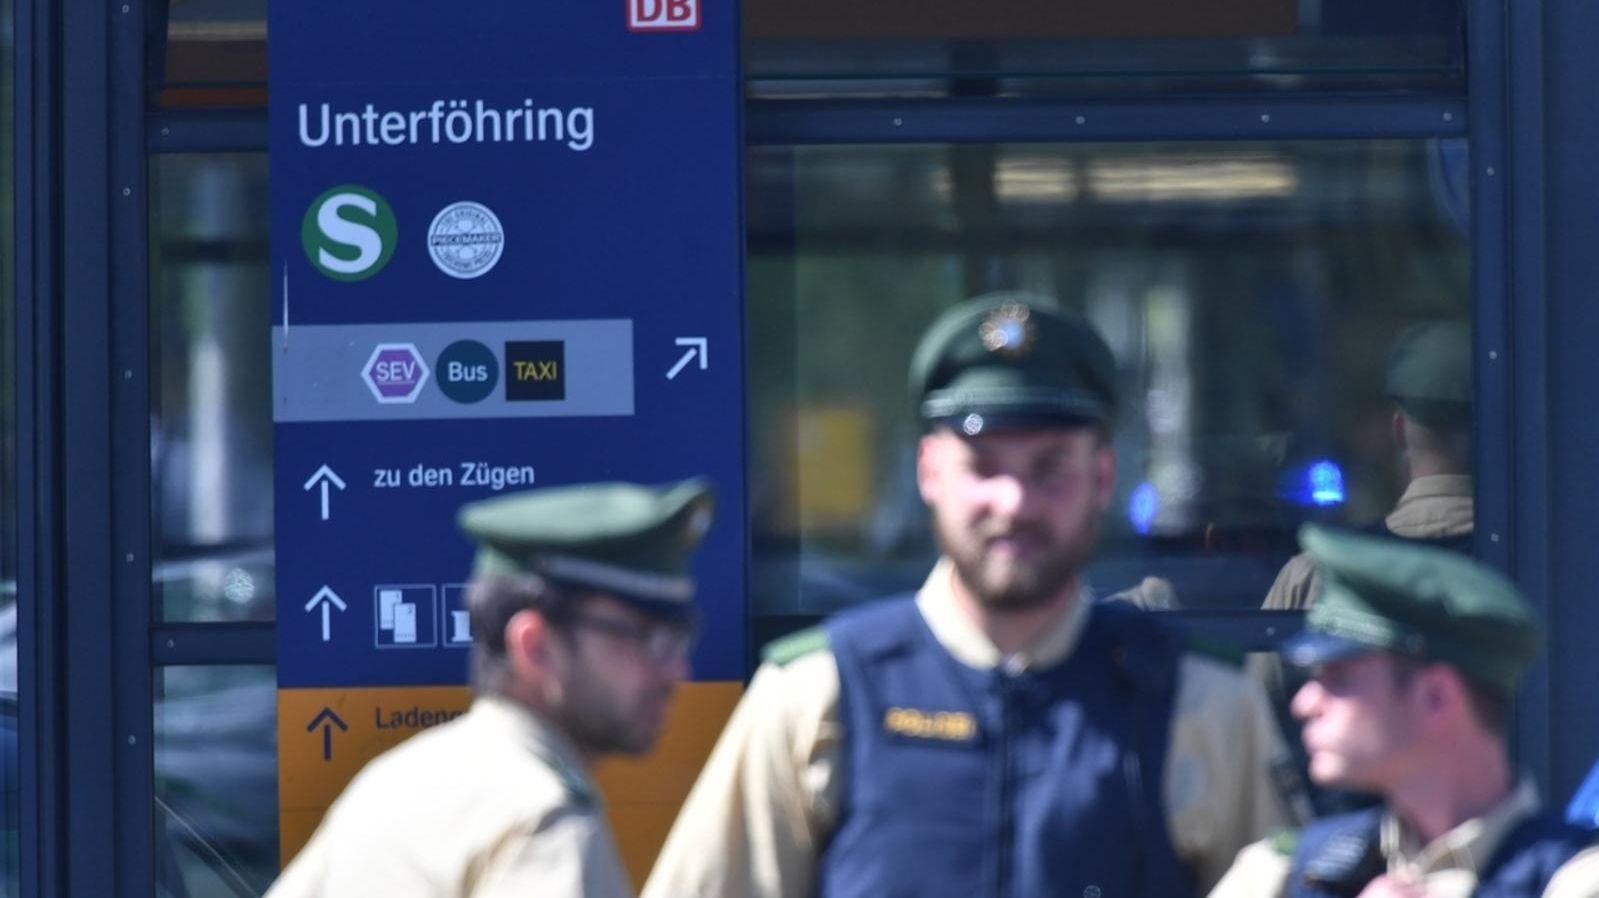 Polizisten am 13. 6. 2017 in Unterföhring bei München.